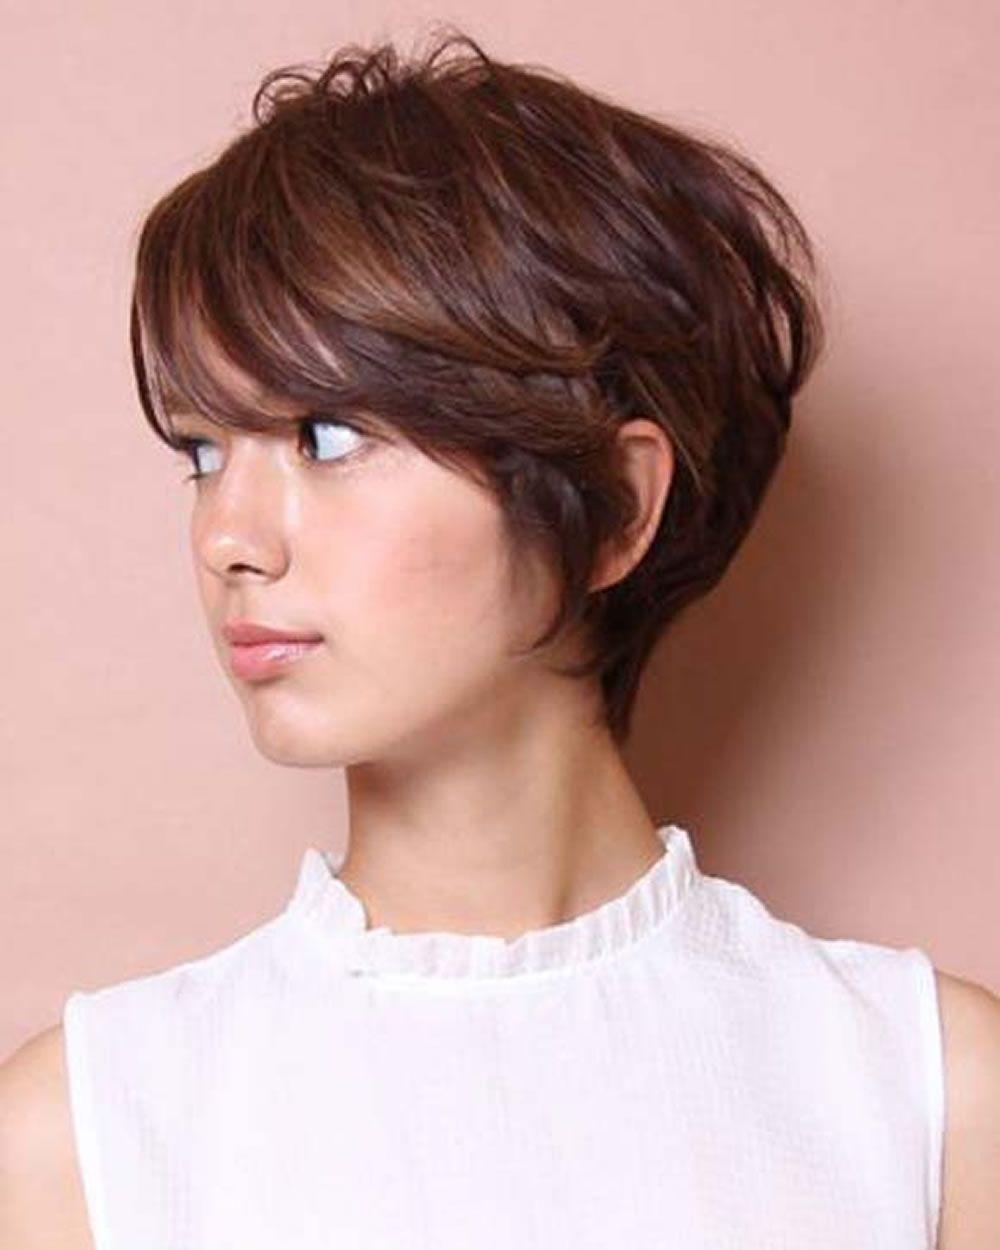 Kurze frisuren und makeupeinstellungen für short